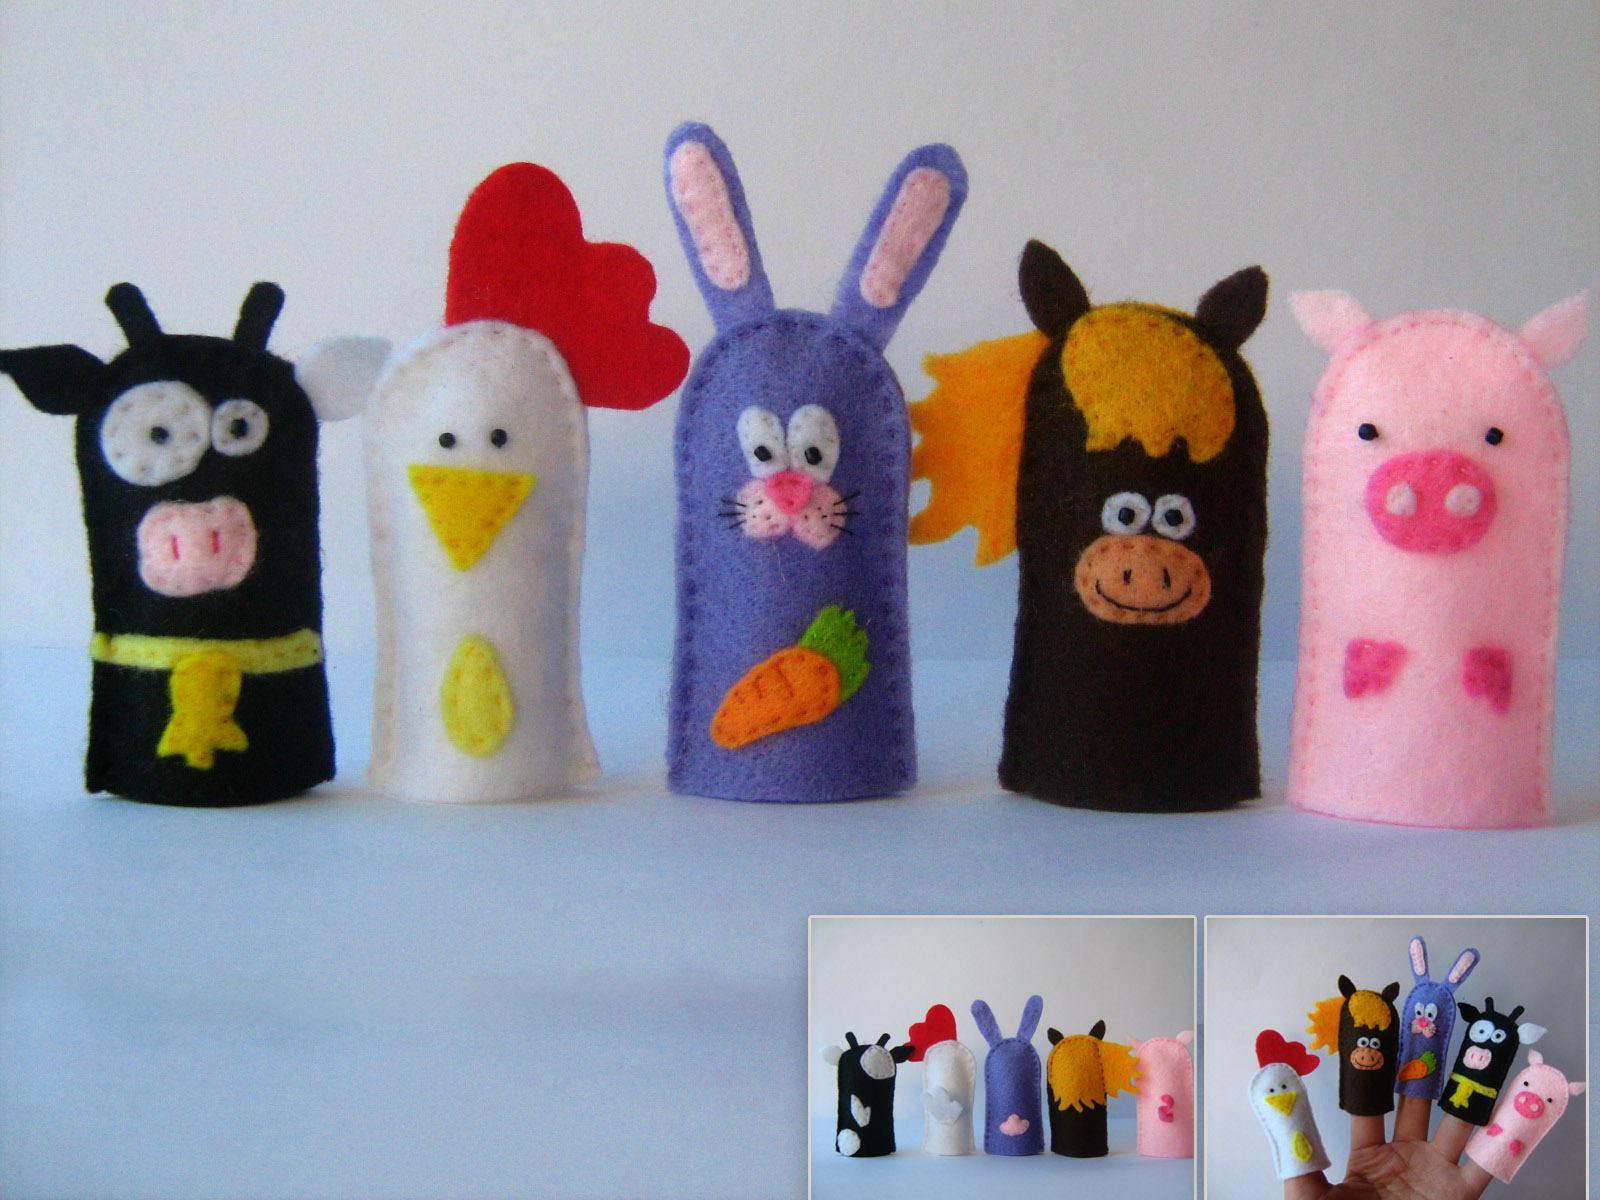 Marionetas de dedos 12 imagenes educativas - Imagen de manualidades ...